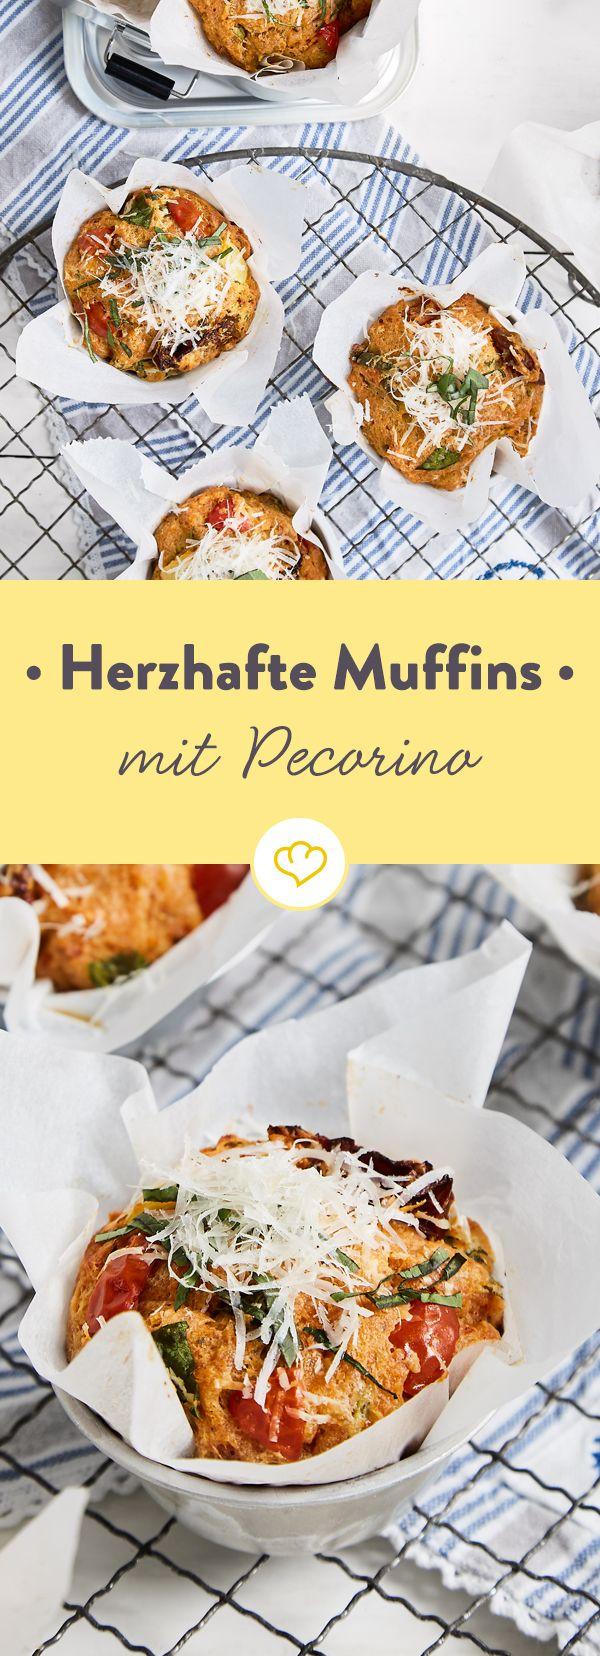 Herzhafte Muffins mit Pecorino | Rezept | Kochen ...